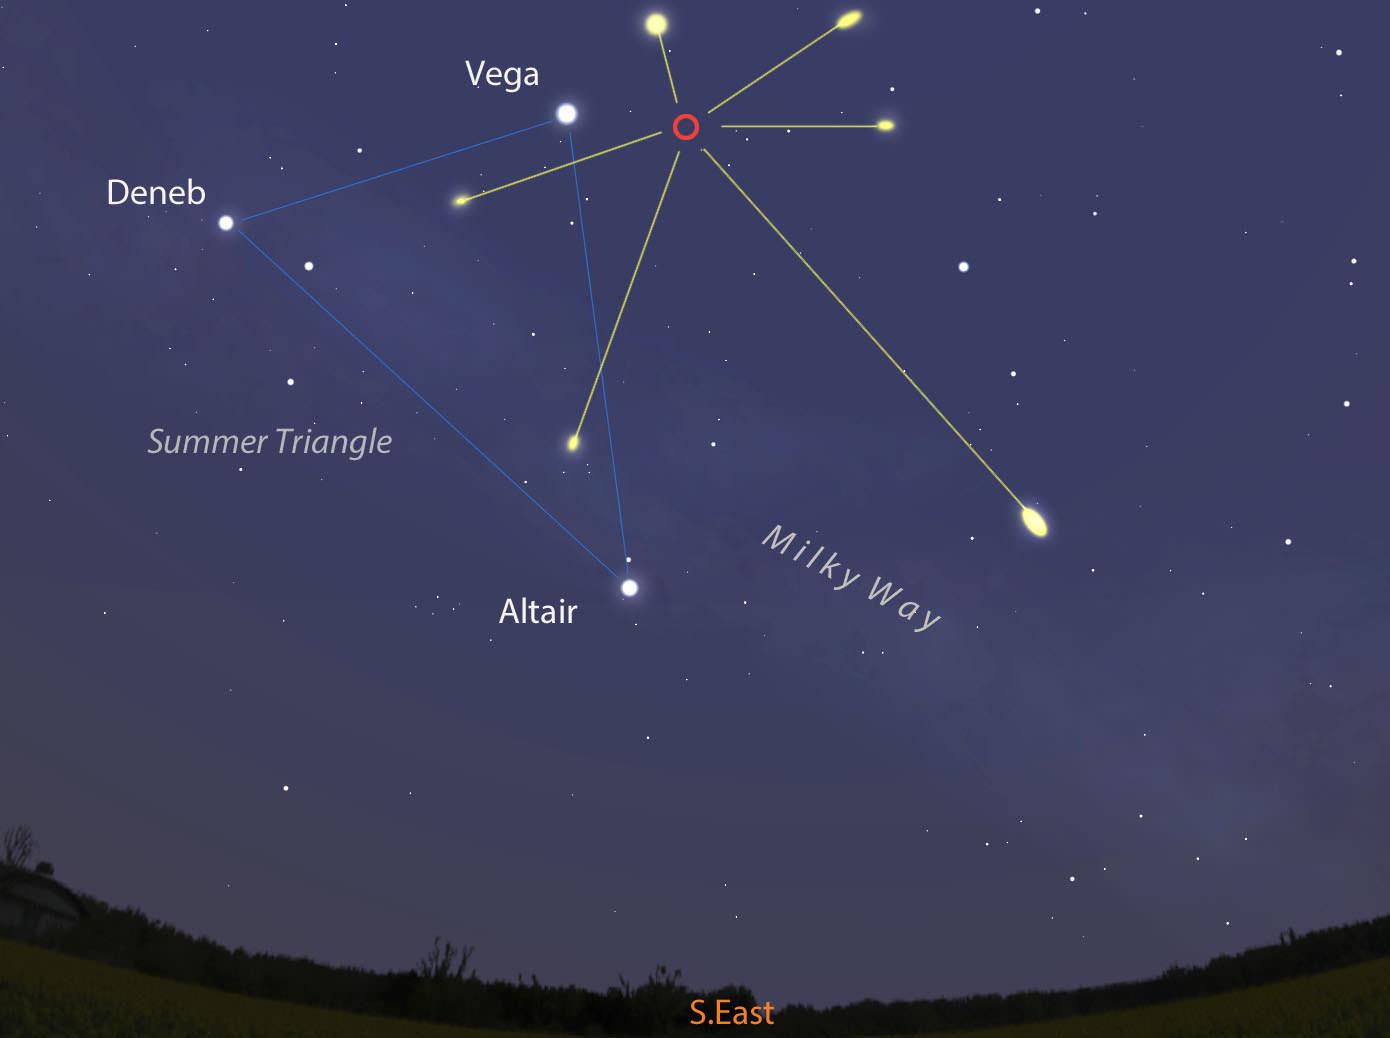 2021年4月22日天琴座流星雨极大期